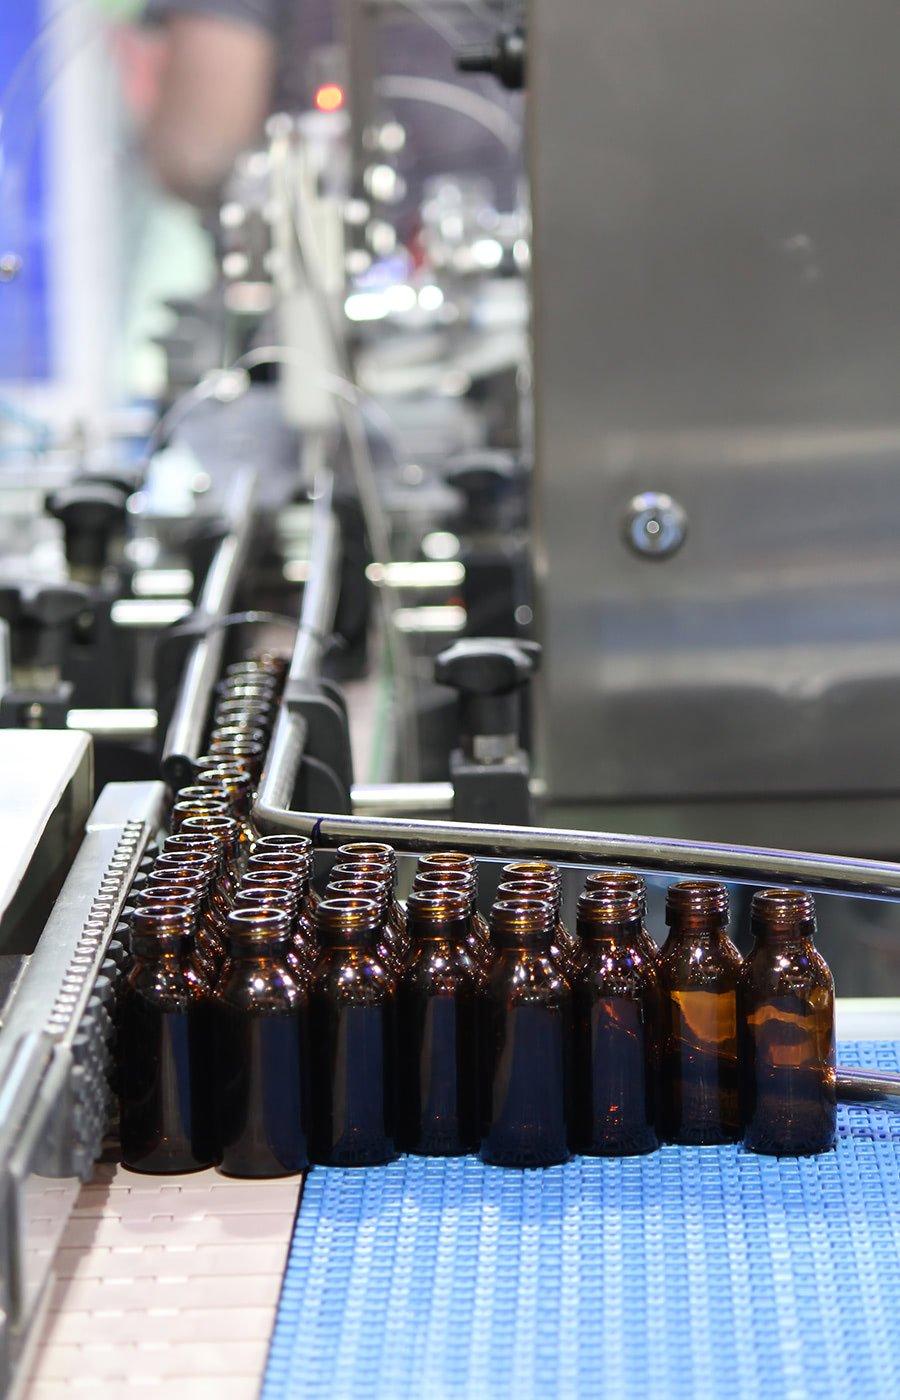 liquid_bottling-04_vertical